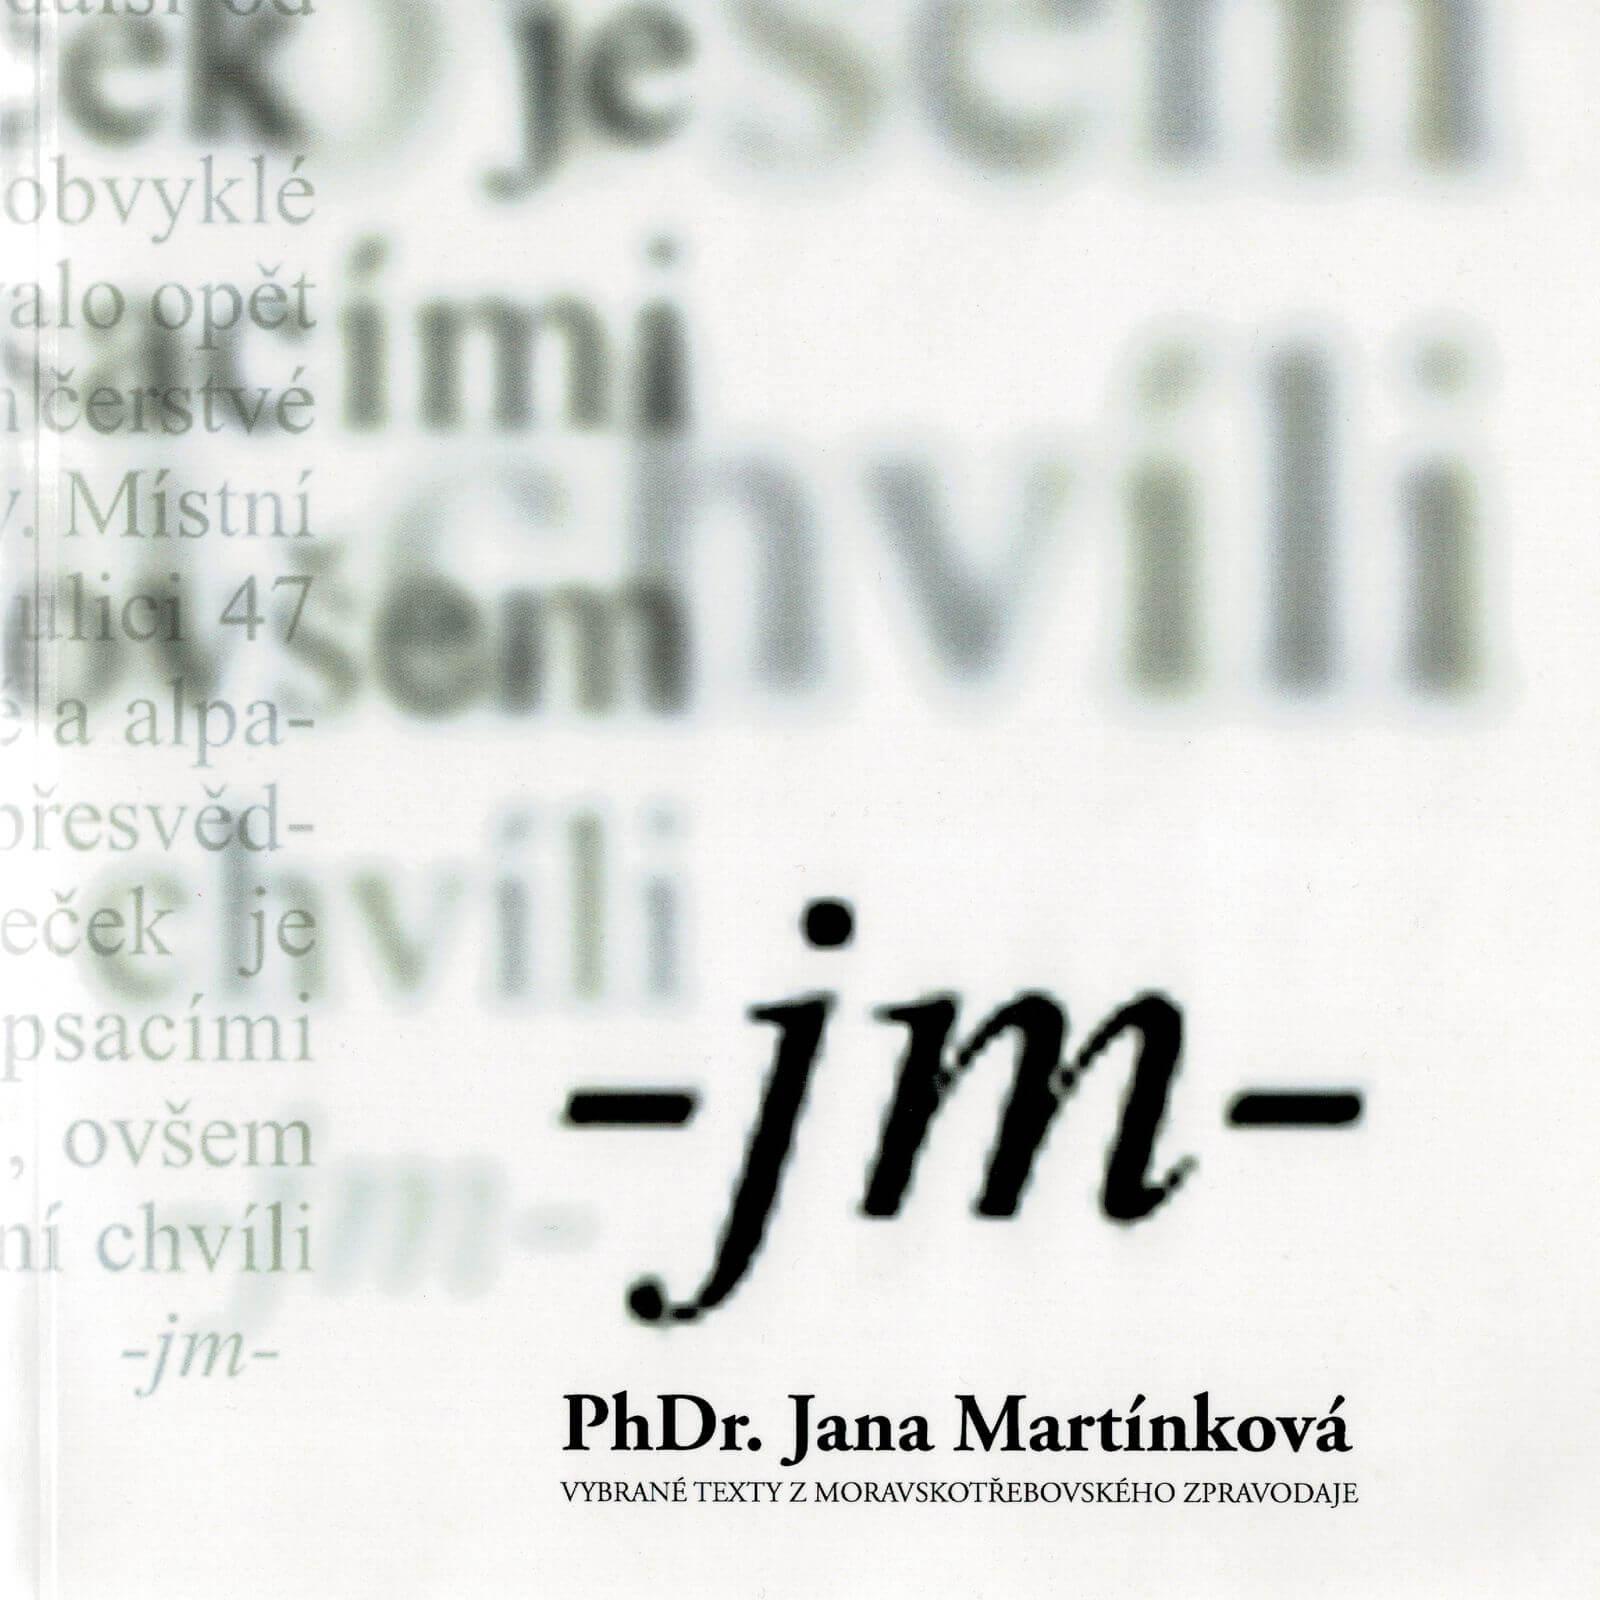 PhDr. Jana Martínková